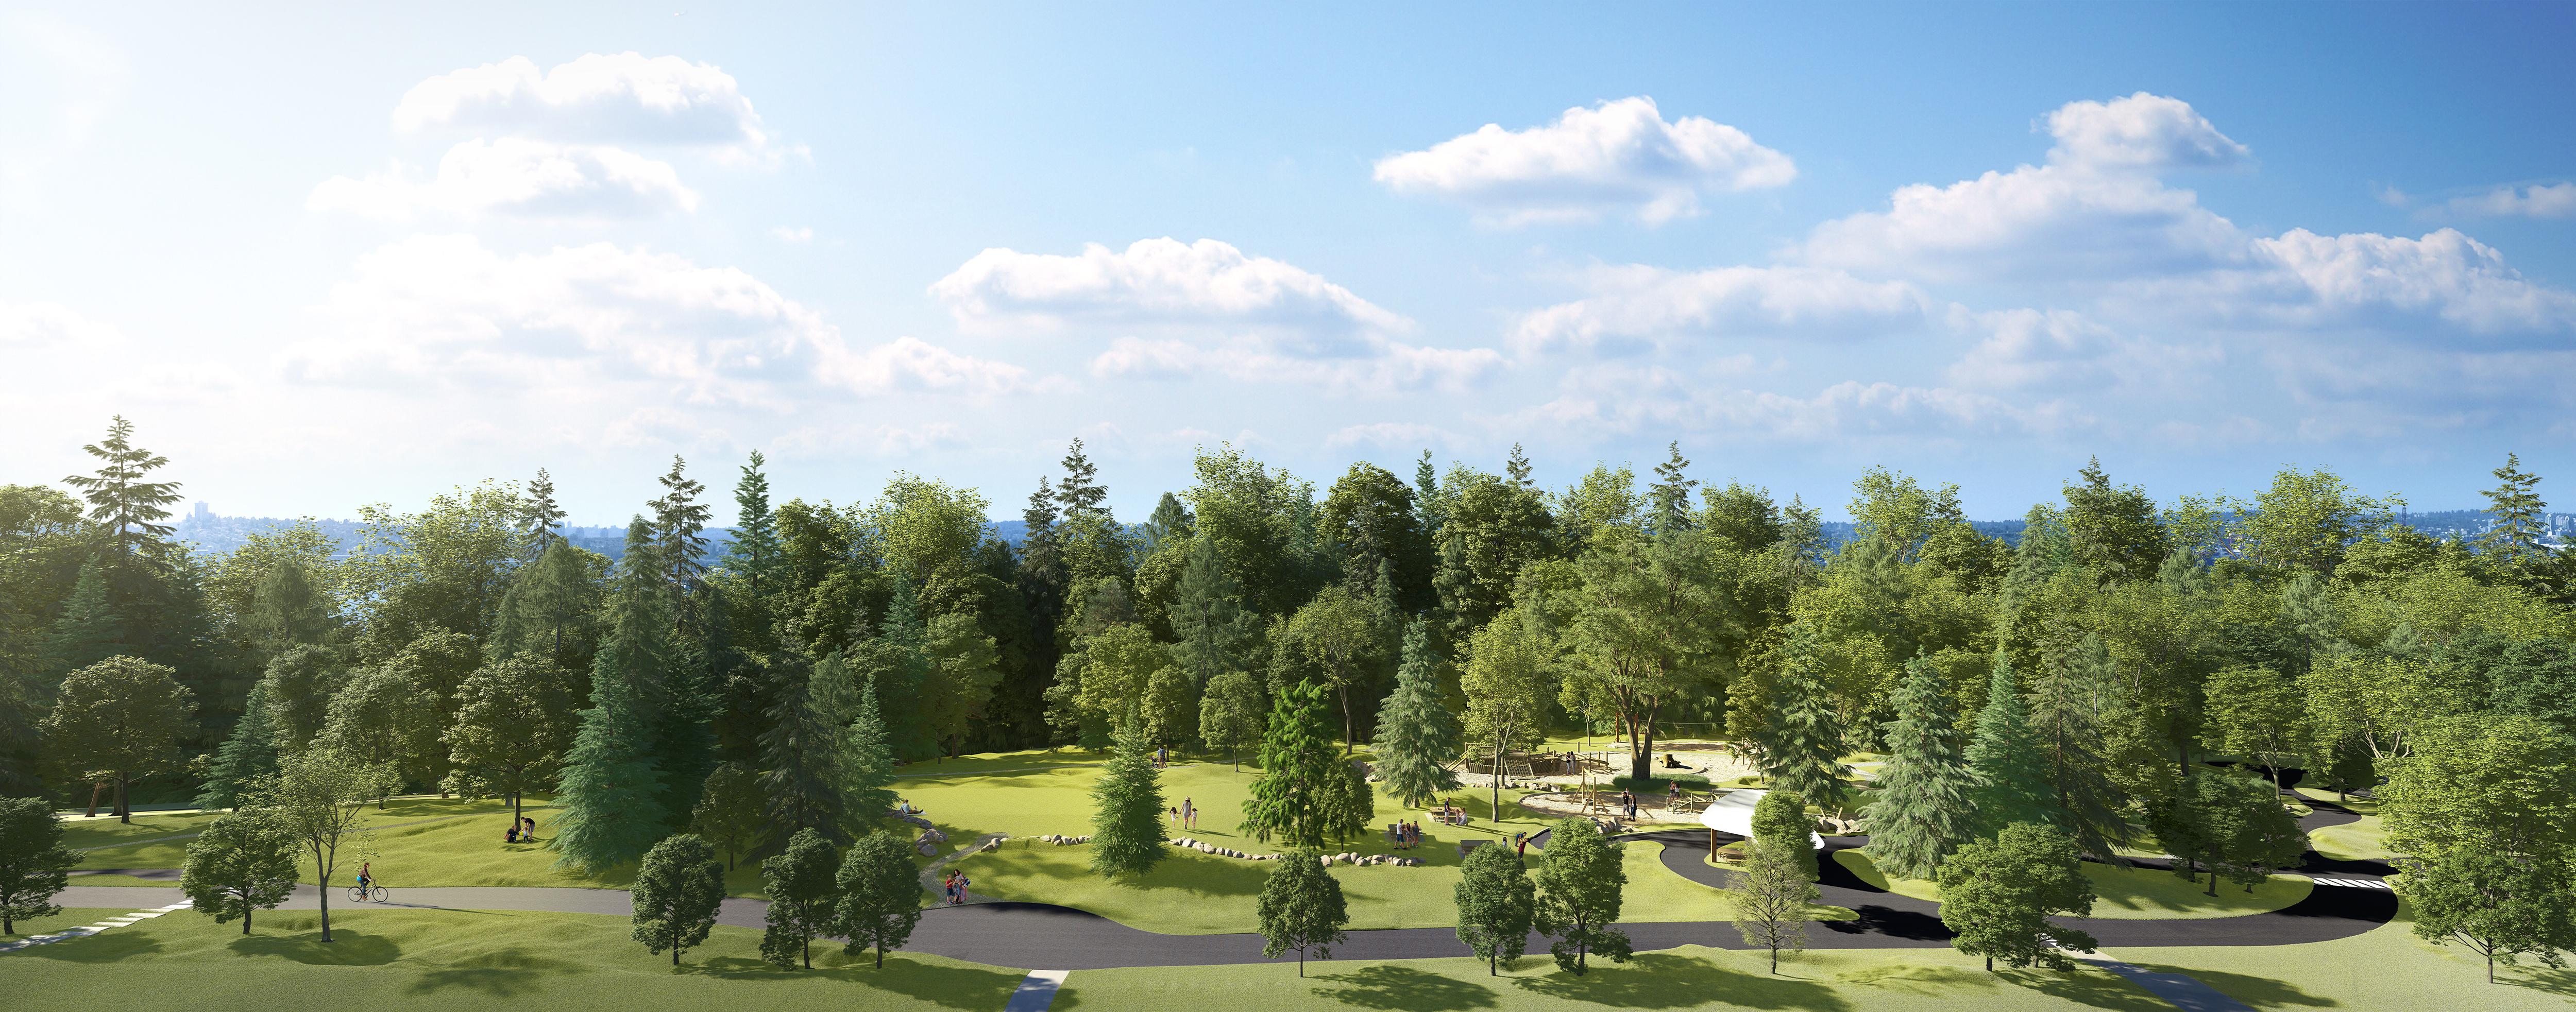 Park Panorama View (FINAL)